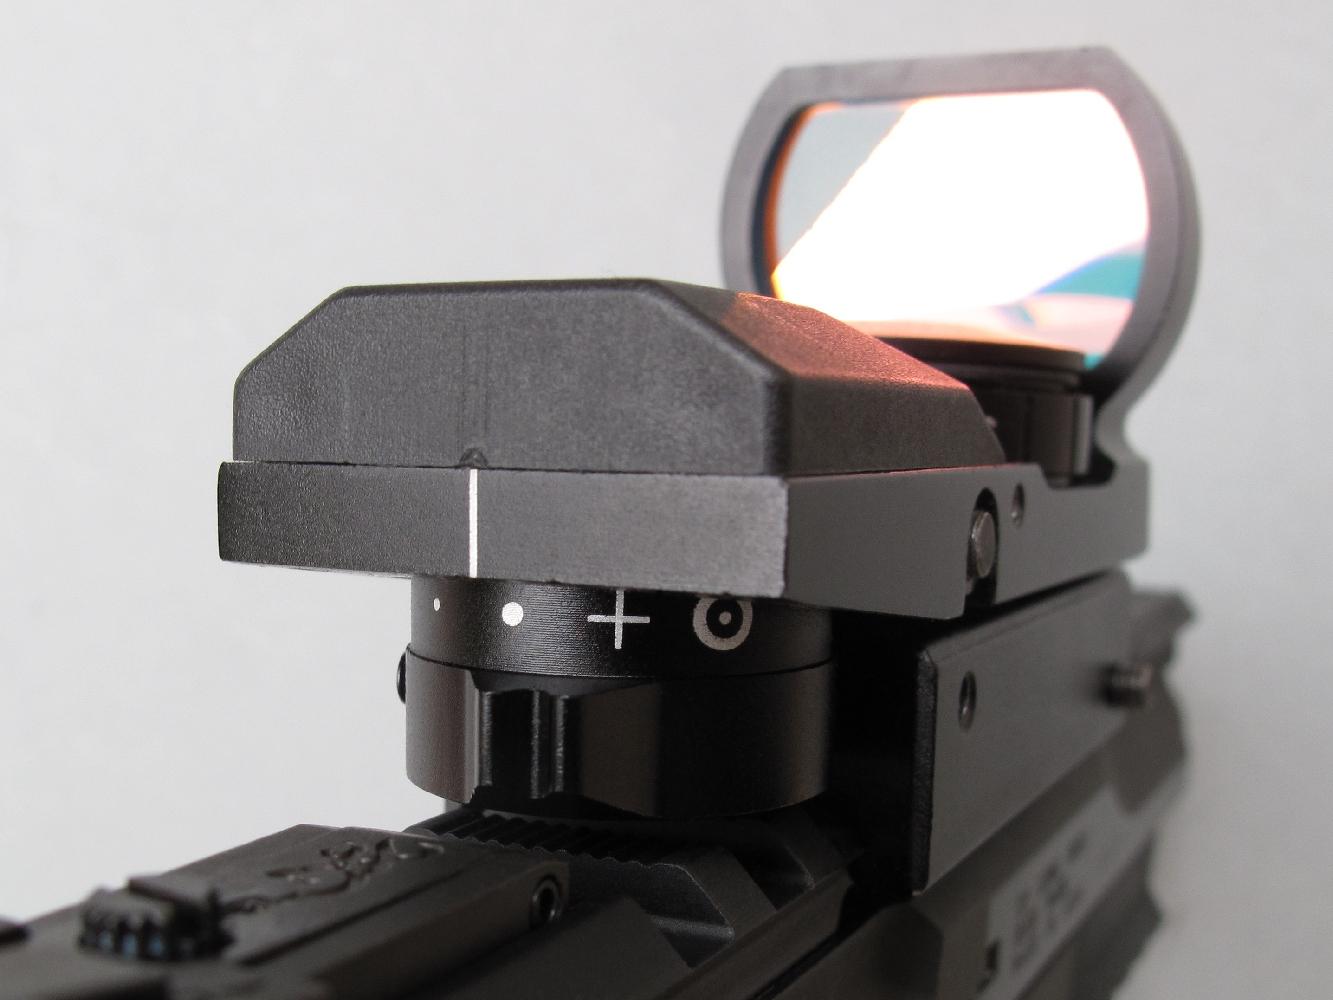 Un sélecteur, directement accessible à l'arrière de l'appareil, permet d'afficher instantanément l'un des quatre réticules lumineux.